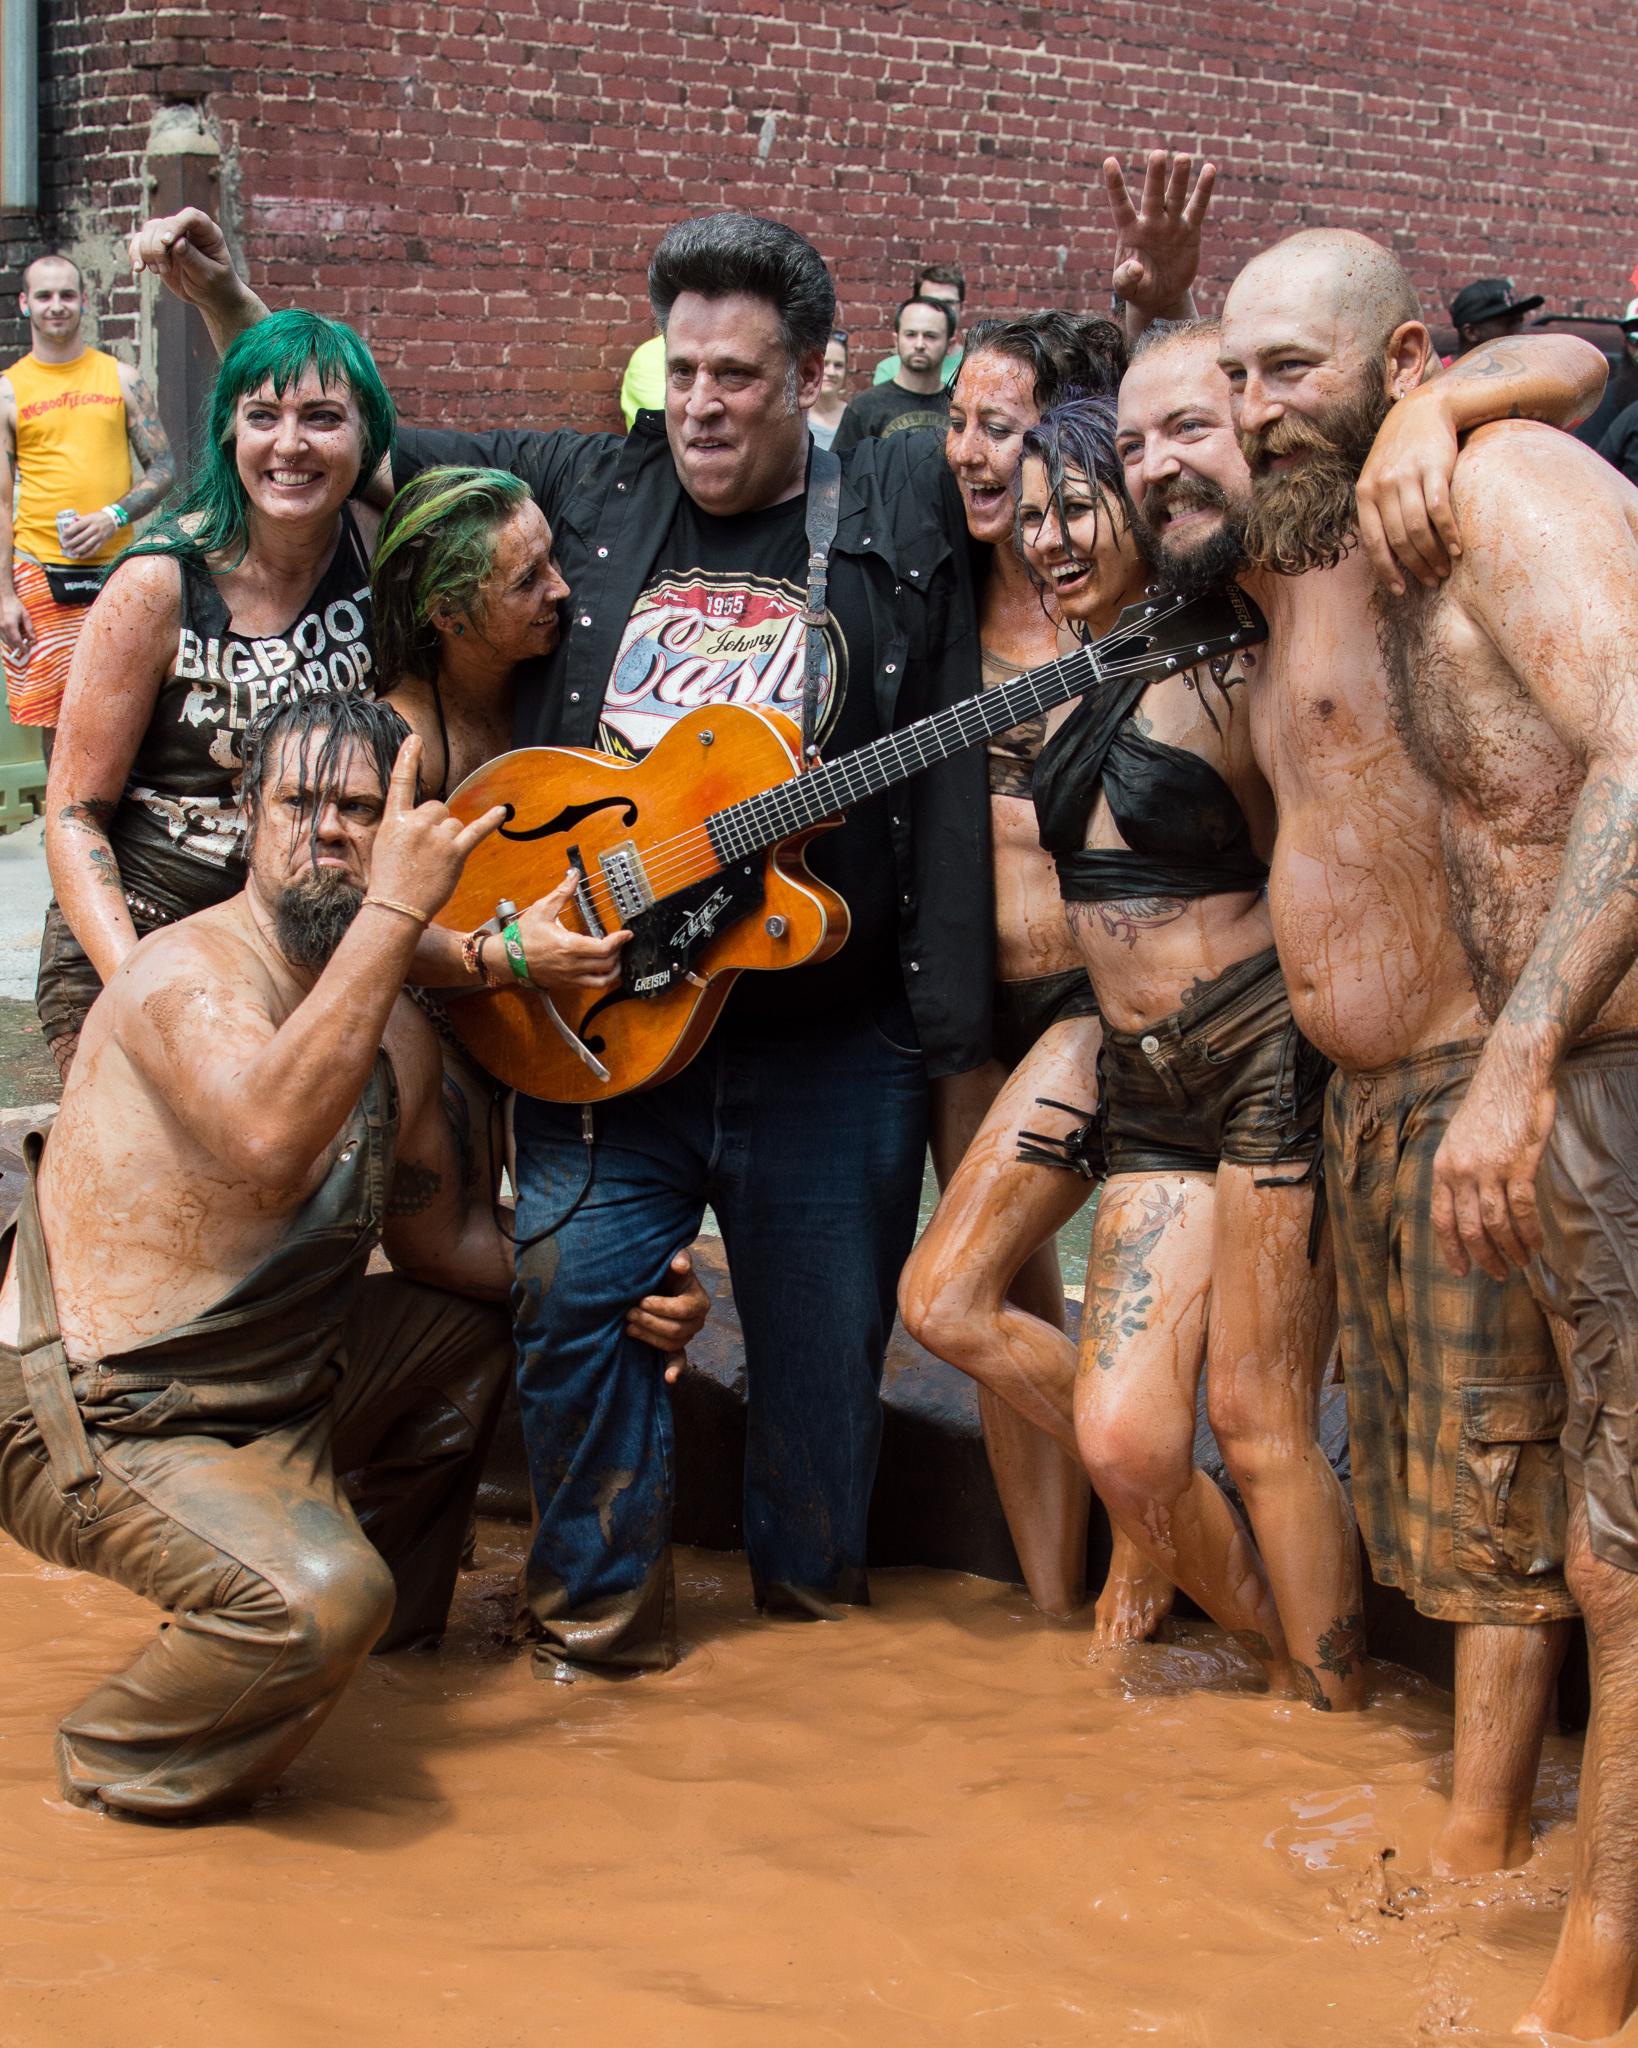 Mud wrestling at Heavy Rebel Weekender